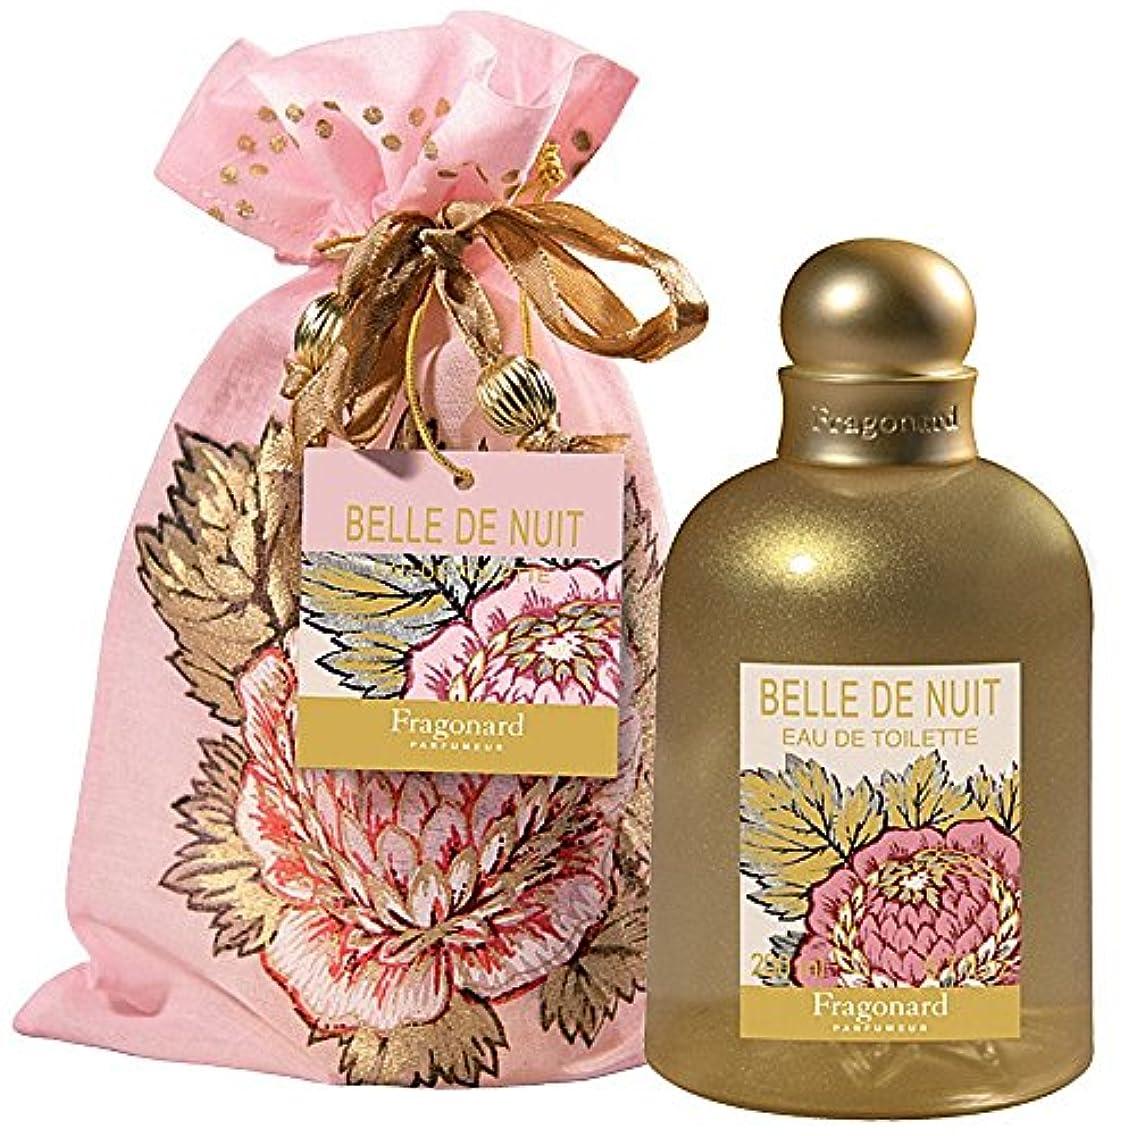 位置する疲れた高齢者Fragonard Belle de Nuit (フラゴナール ベル デ ニュイ) 6.8 oz (200ml) EDT Spray for Women